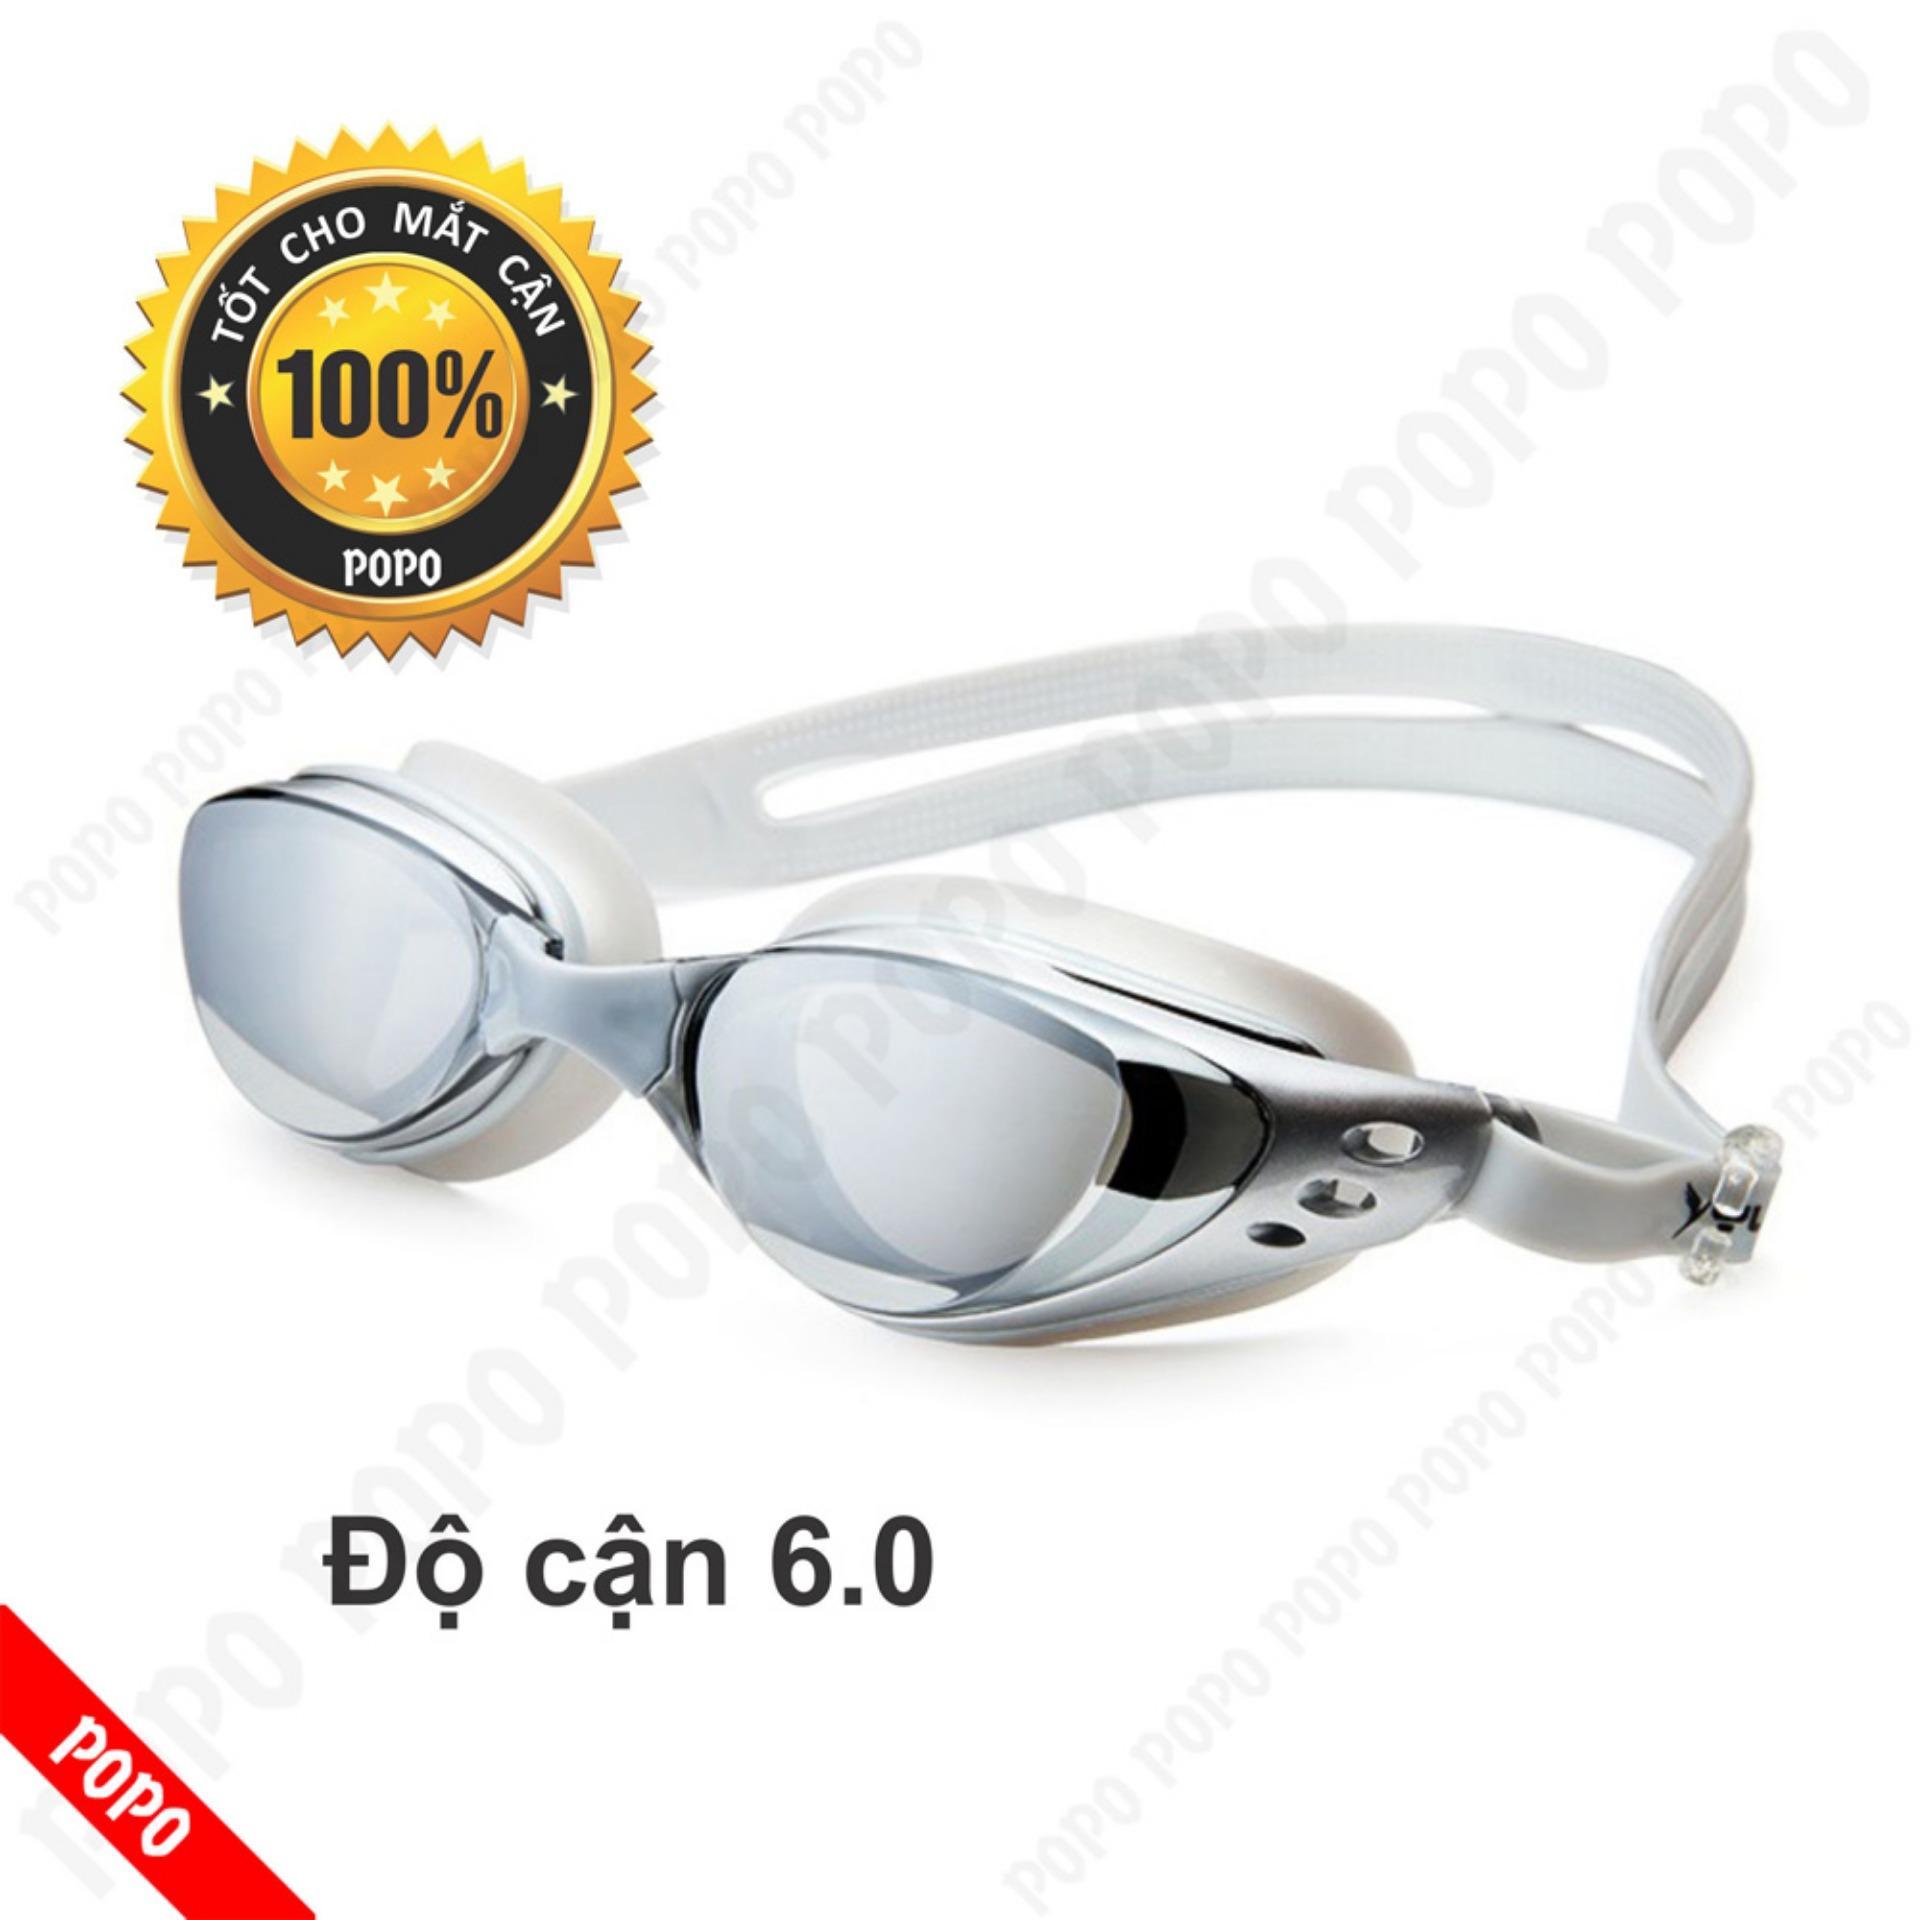 Kính bơi cận 6,0 độ thế hệ mới 610 kiểu dáng thời trang nhỏ gọn chống UV, chống sương mờ POPO Collection